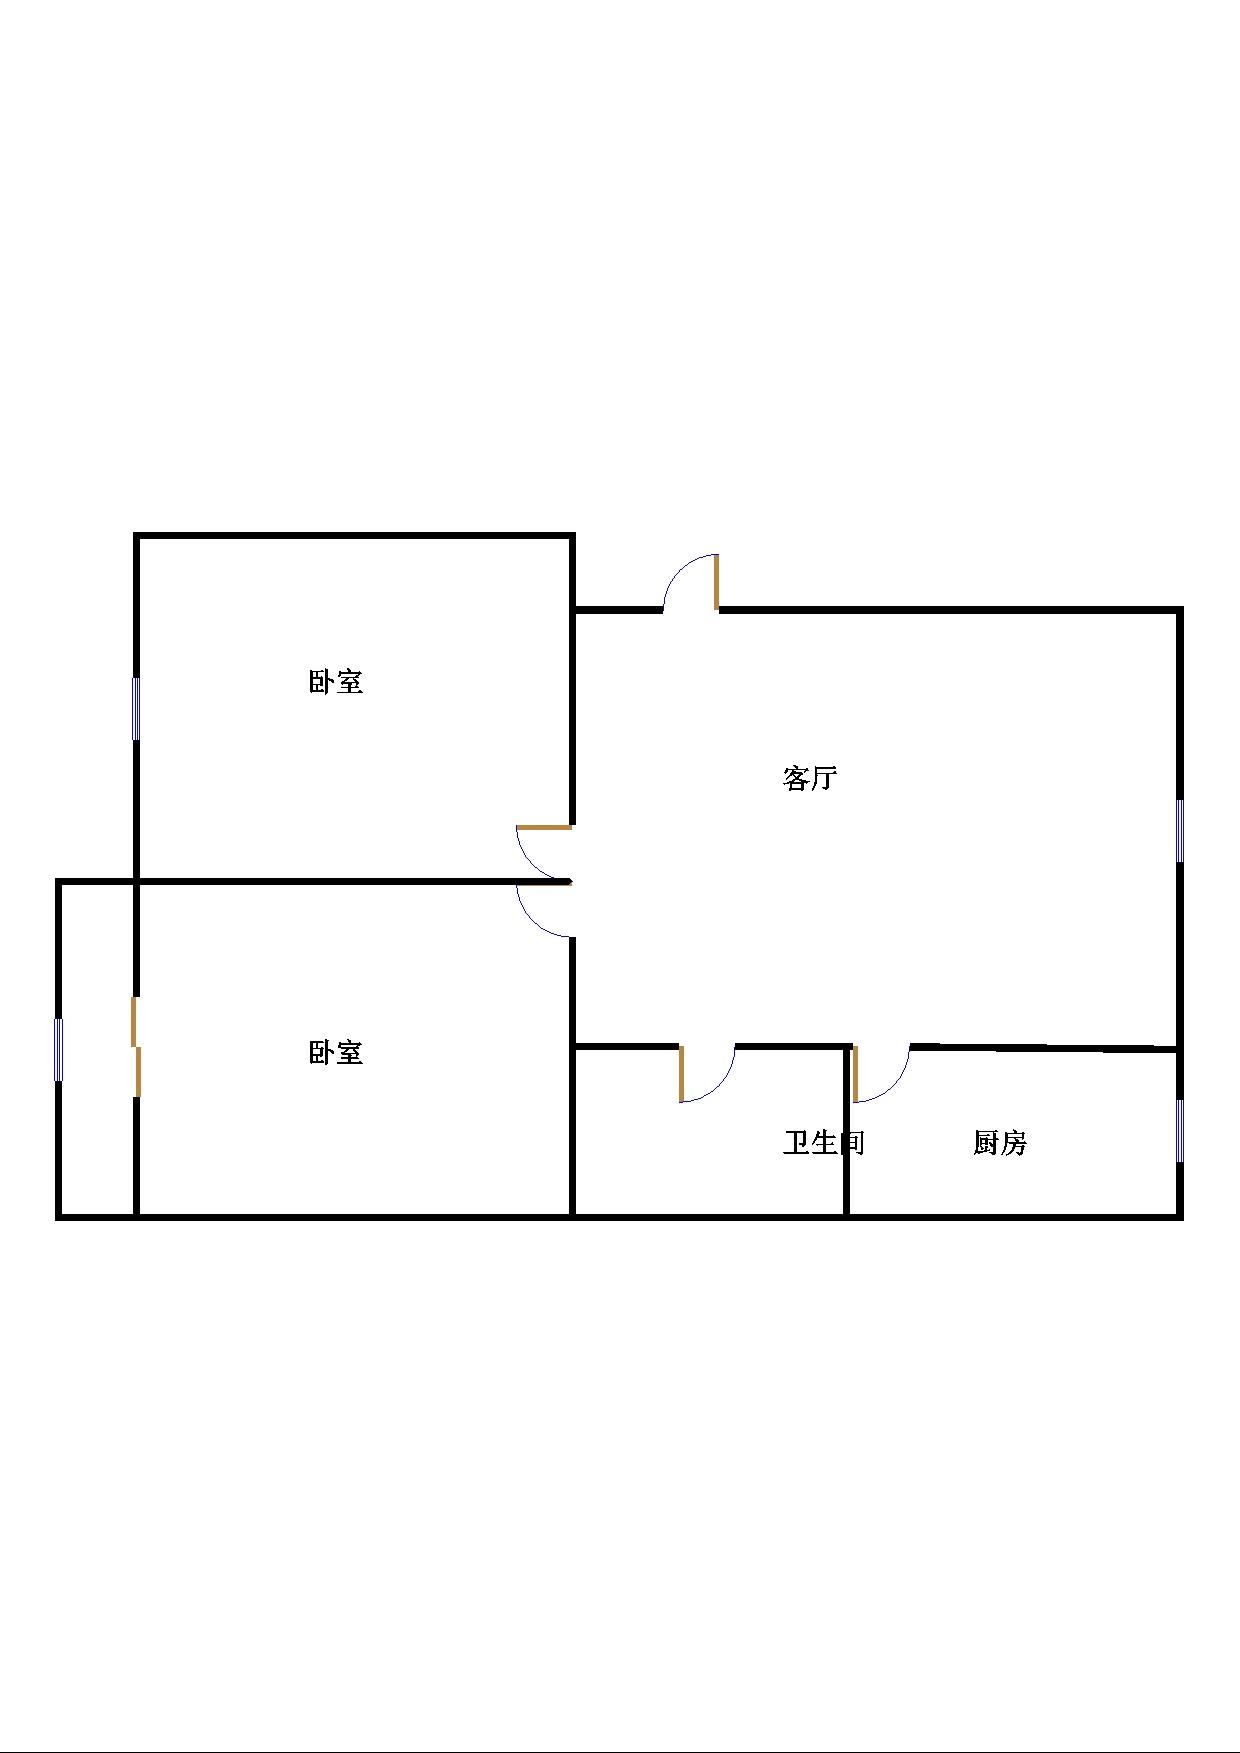 北园小区 2室2厅 双证齐全过五年 简装 55万